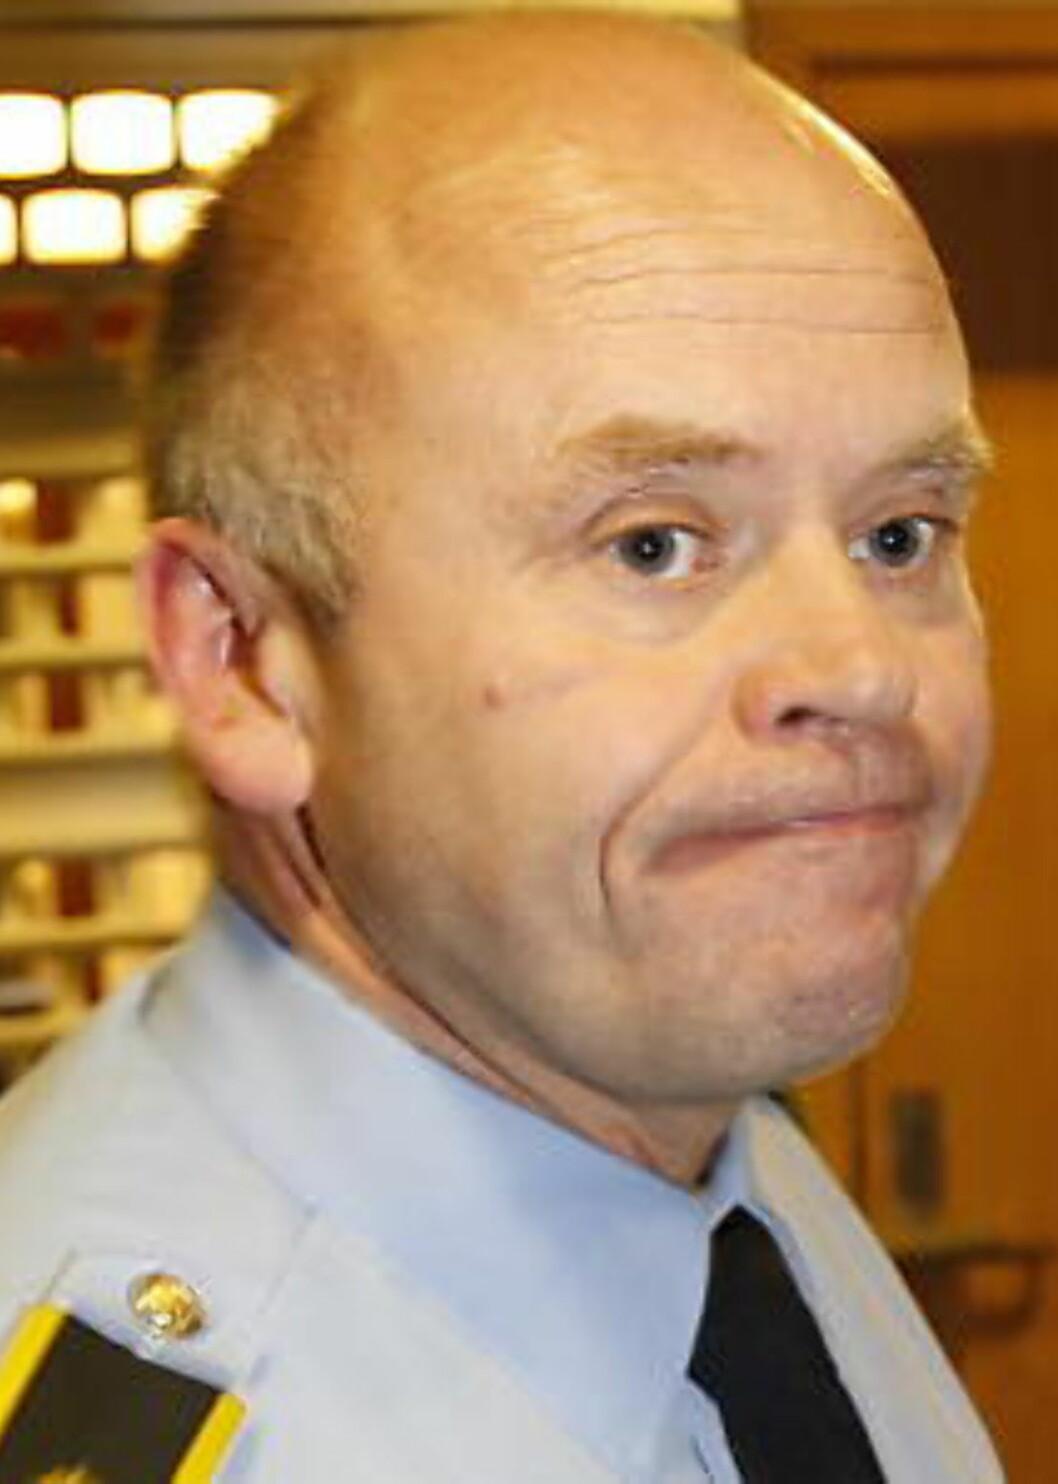 <strong>ETTERFORSKER:</strong> Politioverbetjent ved  Haugesund politistasjon, Torbjørn Nervik. Foto: ERLING HÆGELAND/DAGBLADET